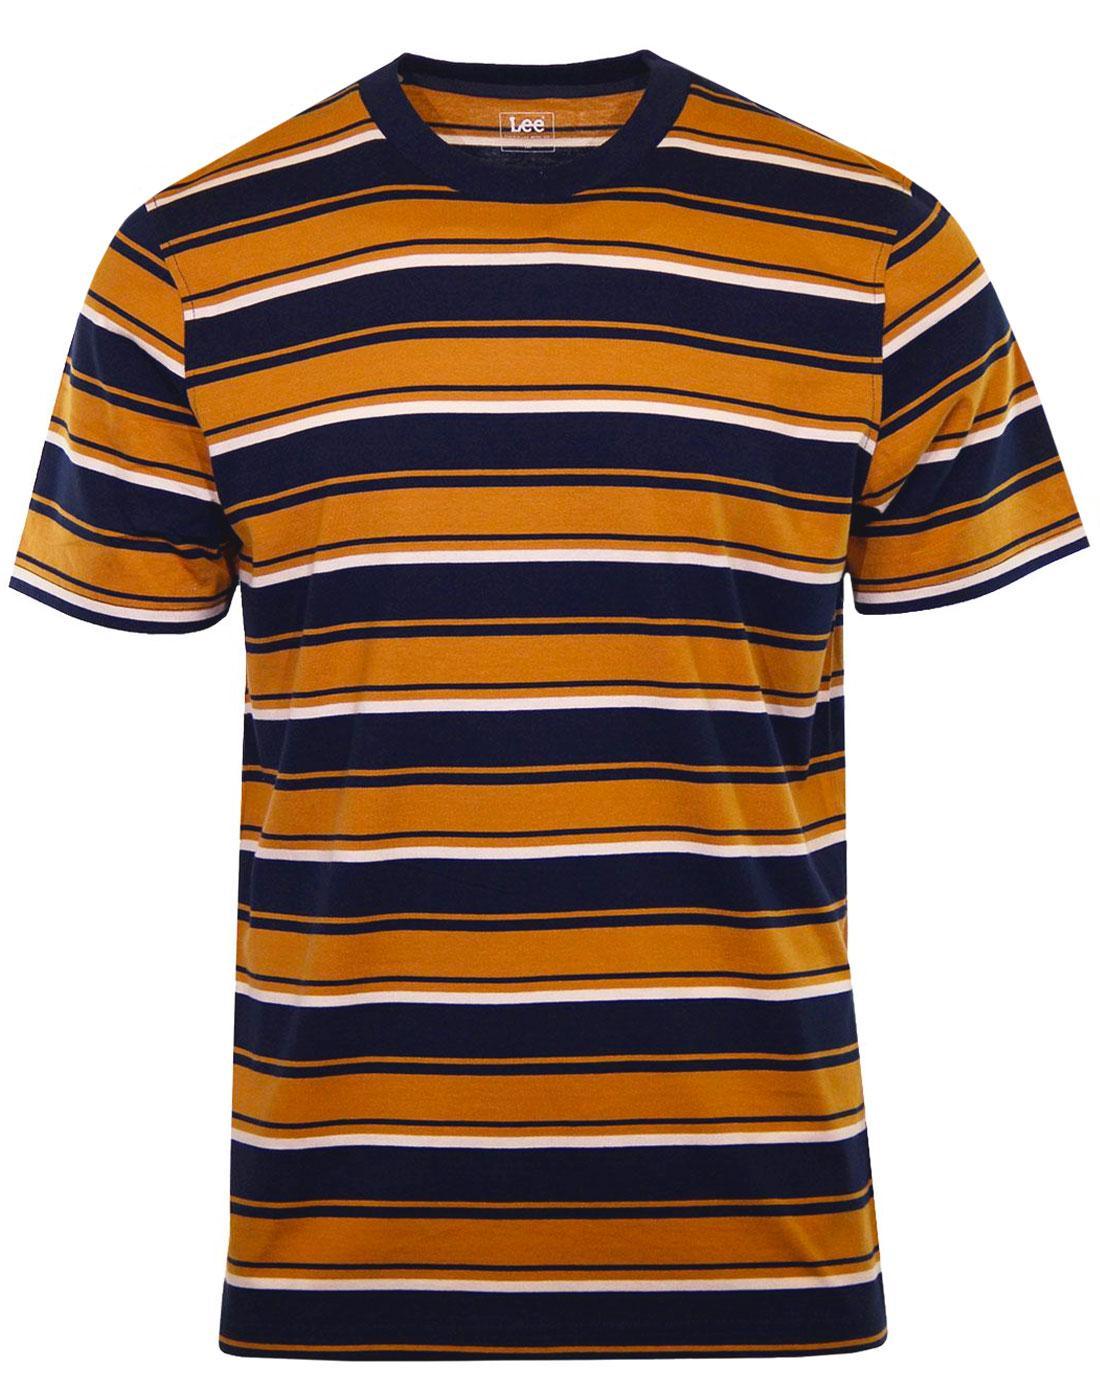 LEE Retro Indie Multi-Stripe Crew Neck T-Shirt